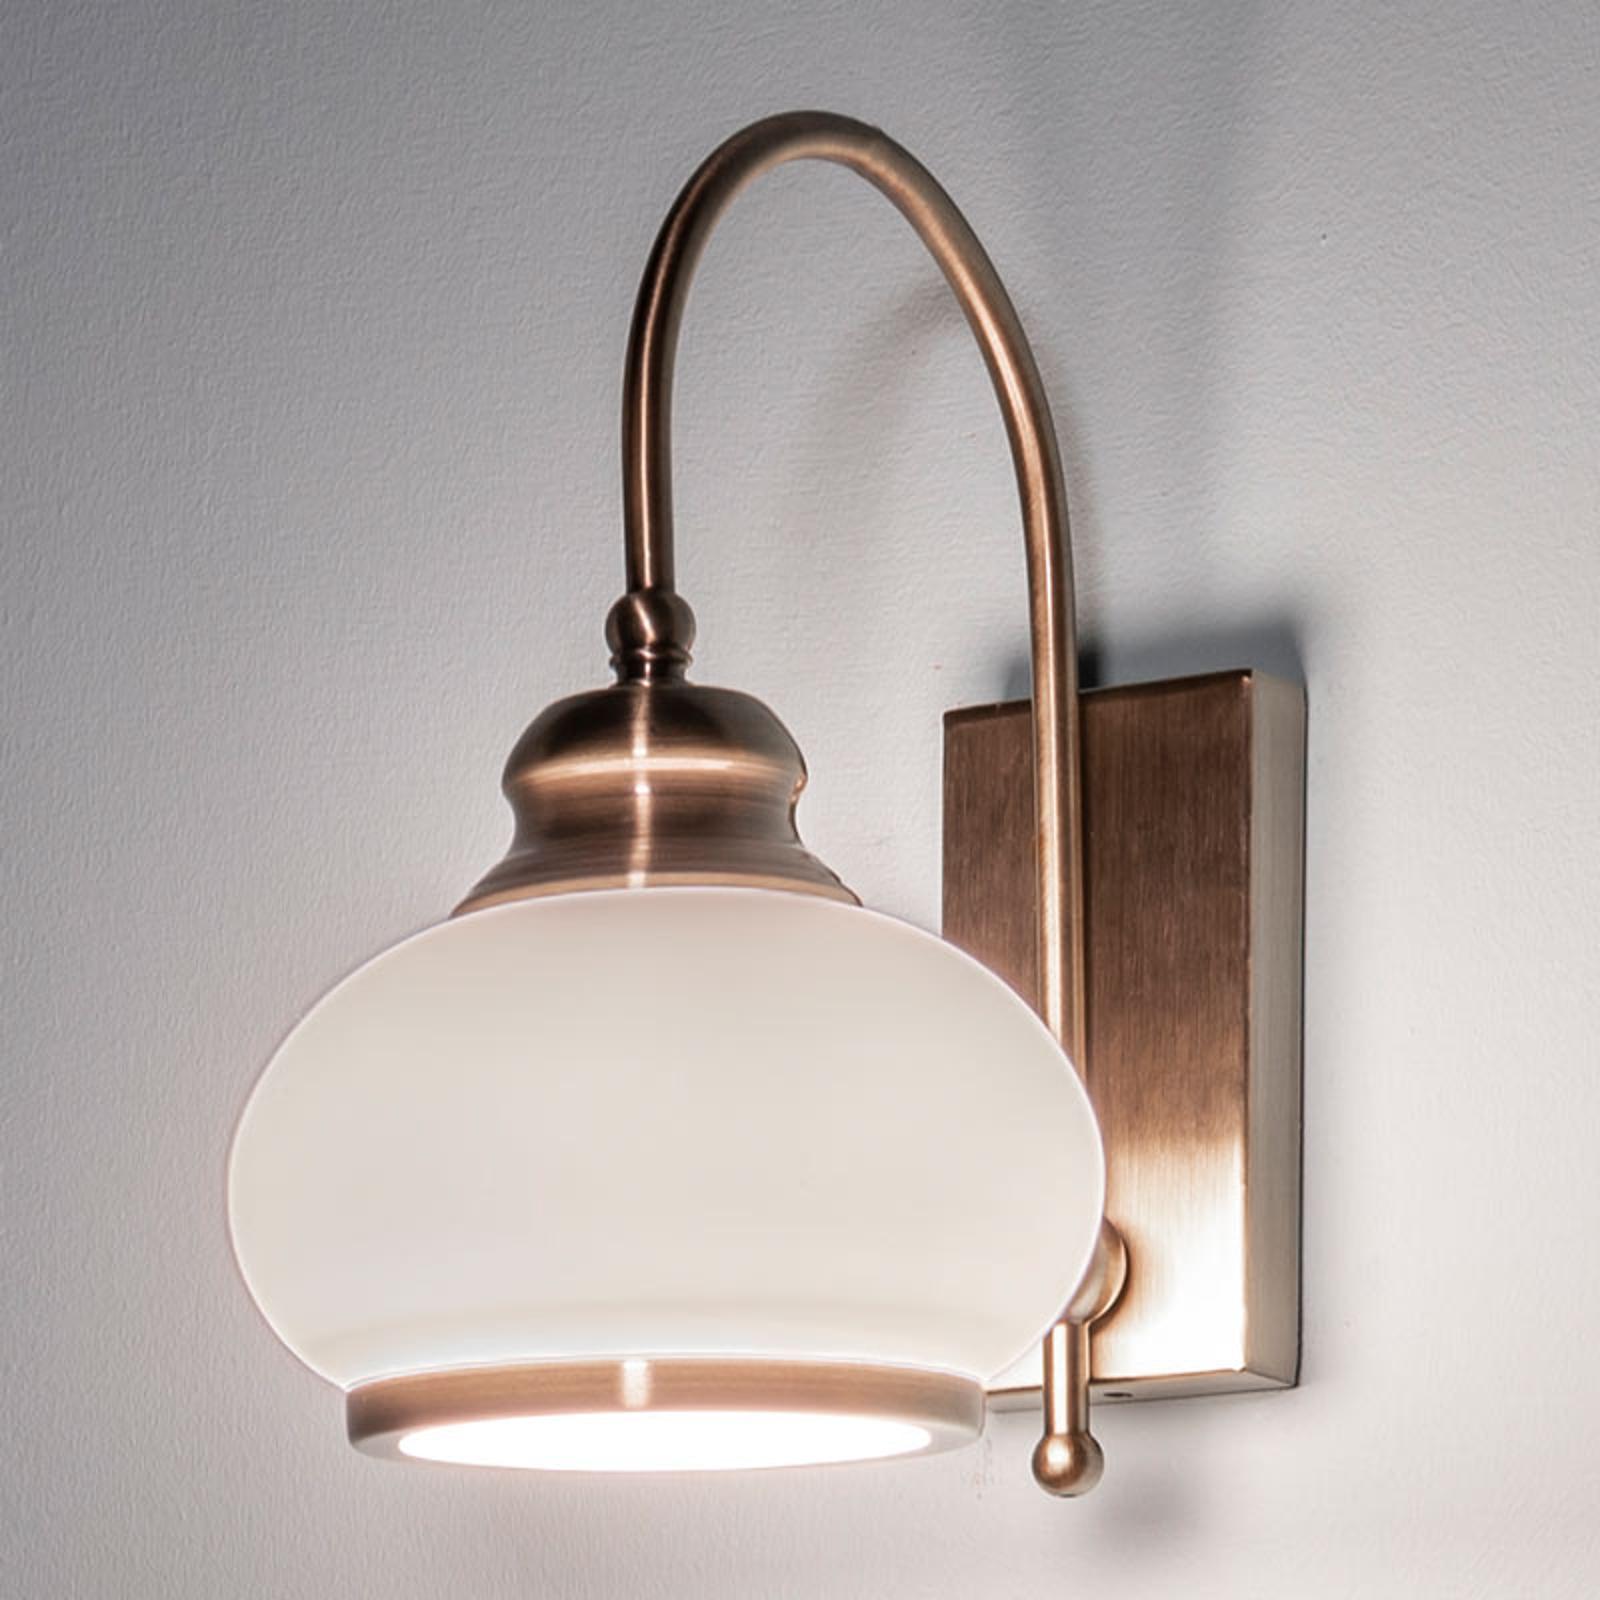 Vegglampe NOSTALGIKA av antikk messing